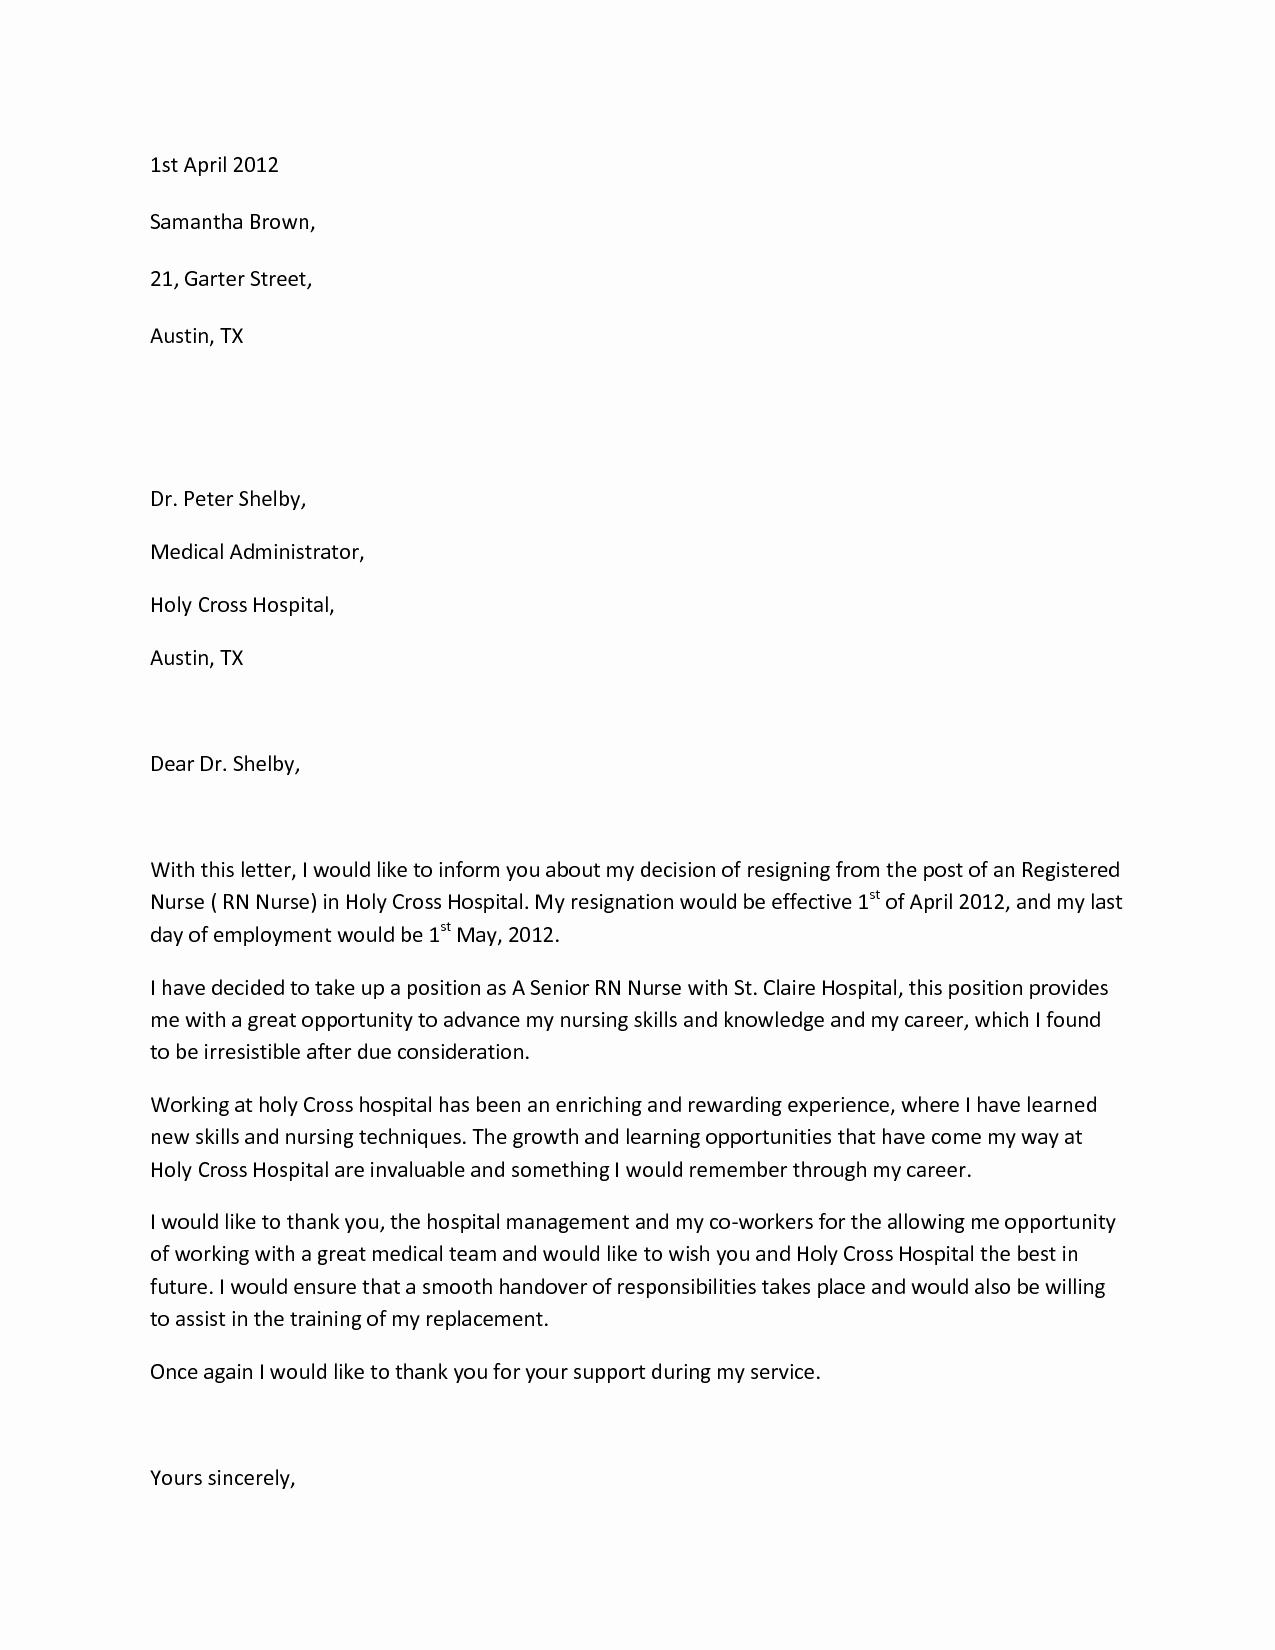 Resignation Letter Template Free Lovely Doc Nursing Resignation Letters Sample Nurse Letter